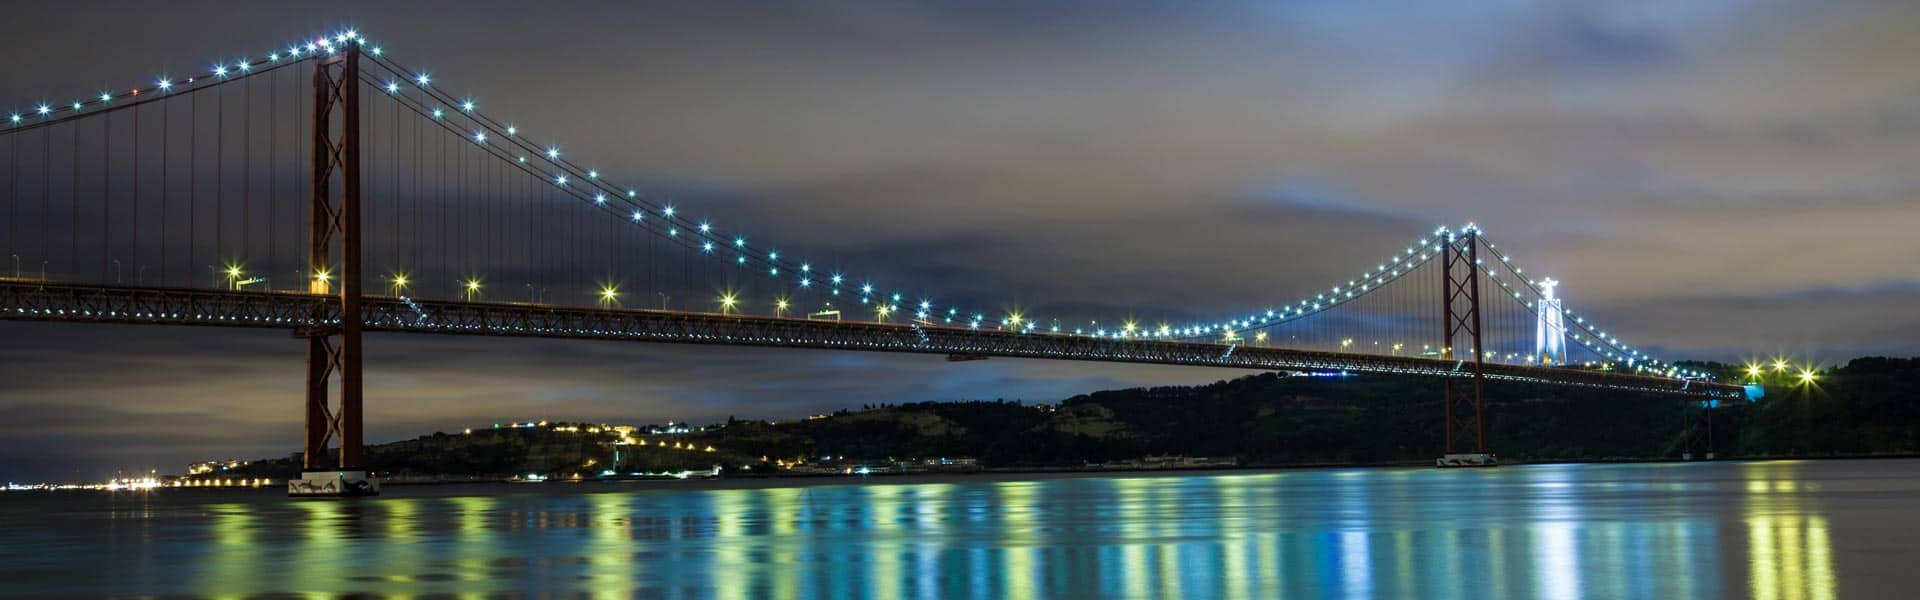 Besuchen Sie die Lissabon Brücke, die Brücke des 25. April in Lissabon